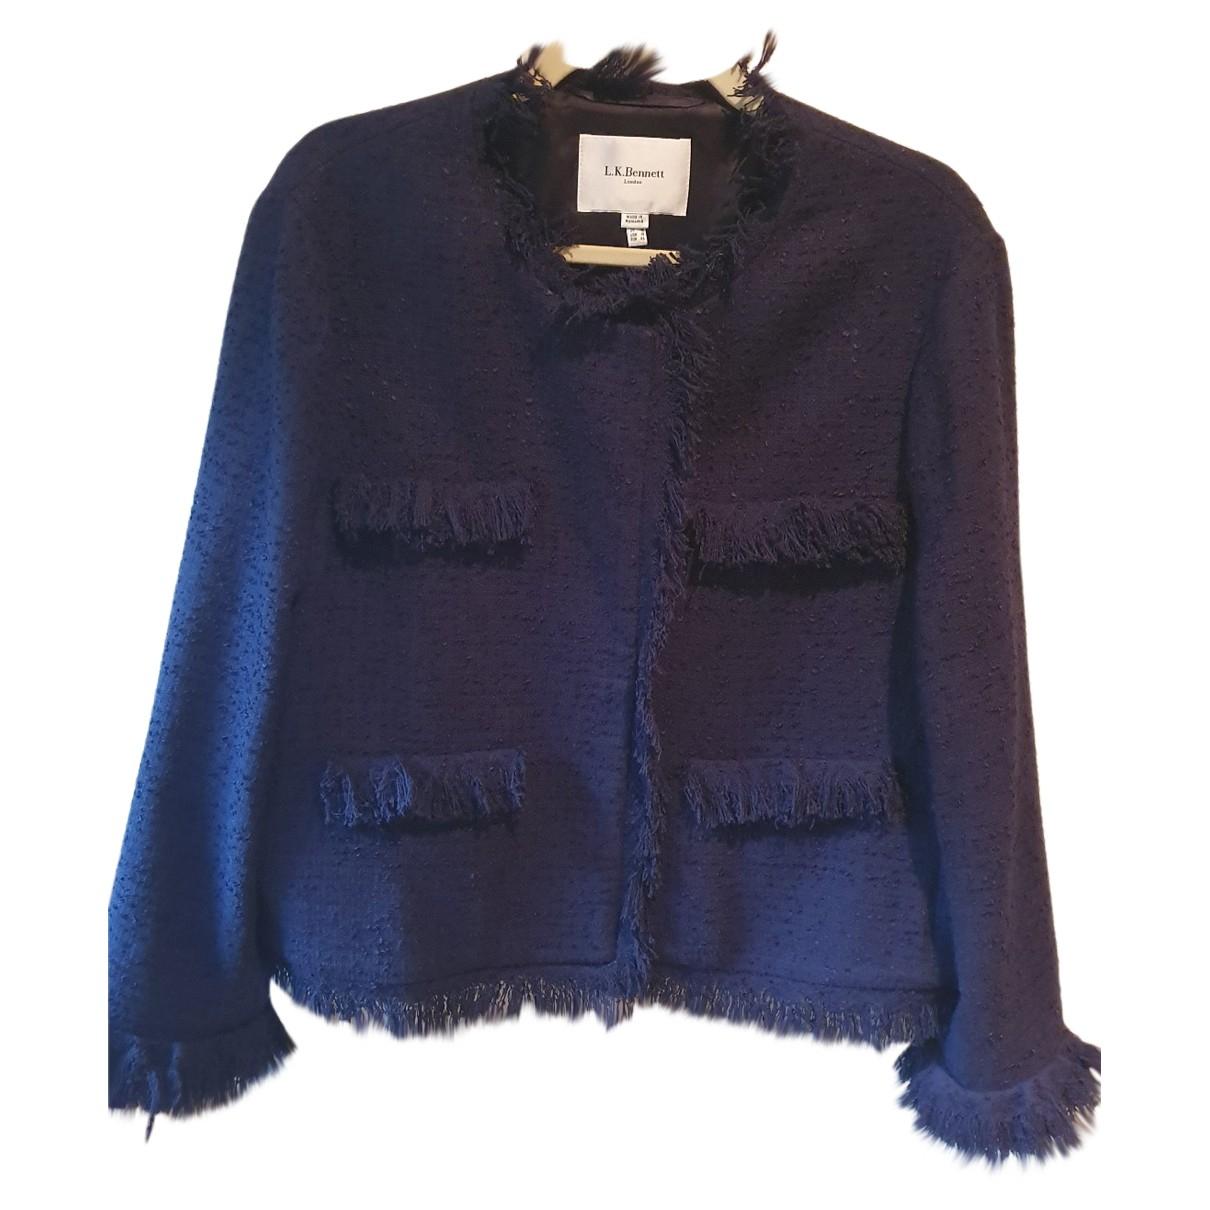 Lk Bennett N Blue Cotton jacket for Women 18-20 UK